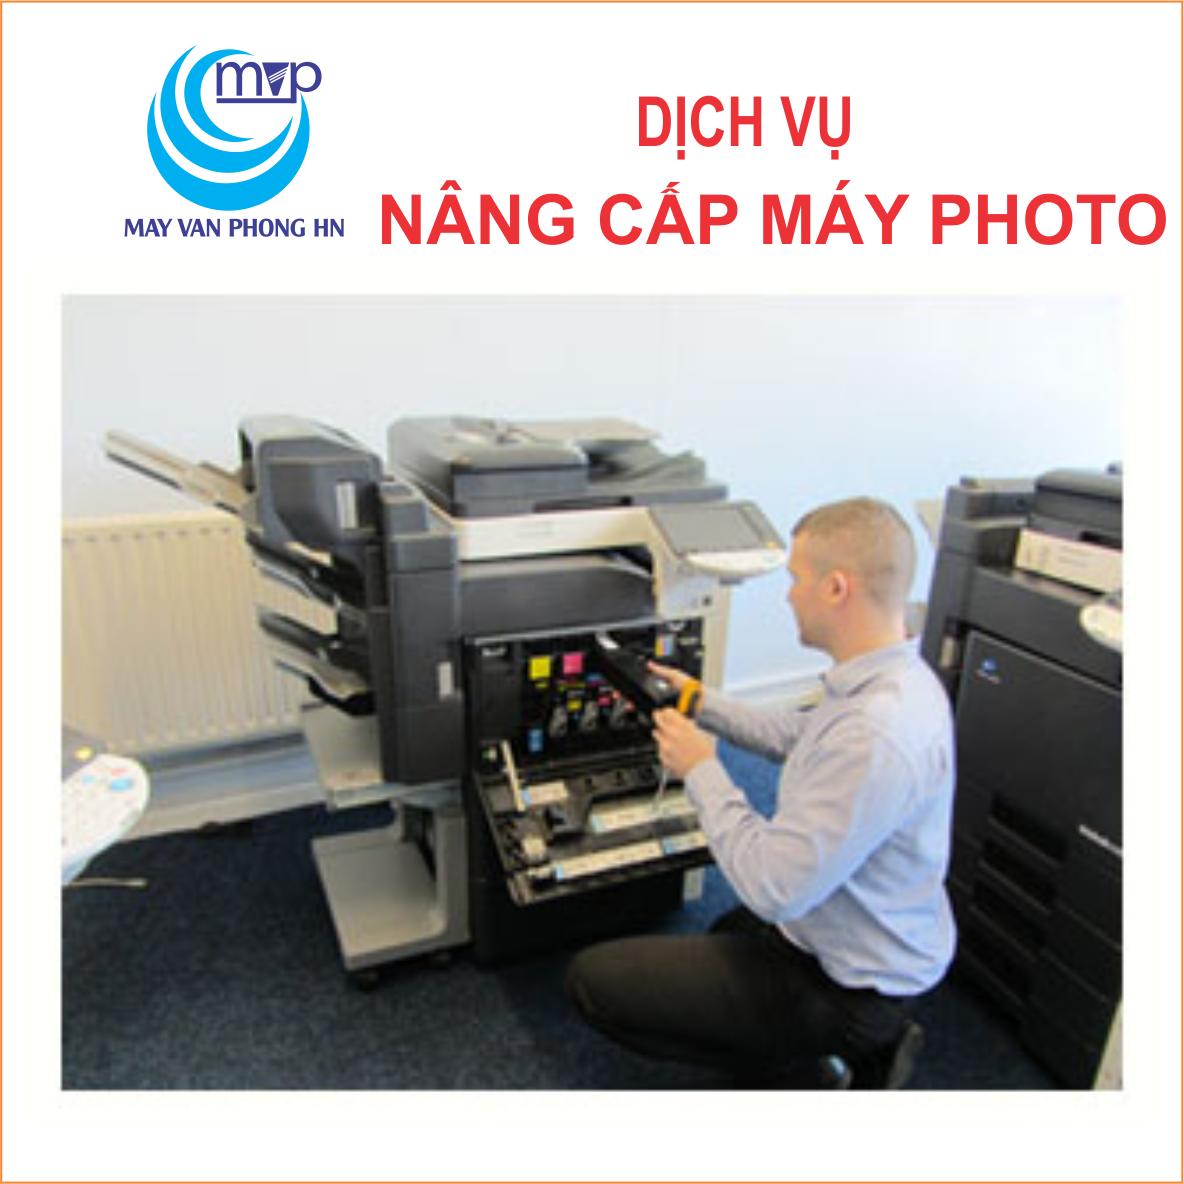 Dịch vụ nâng cấp máy photo